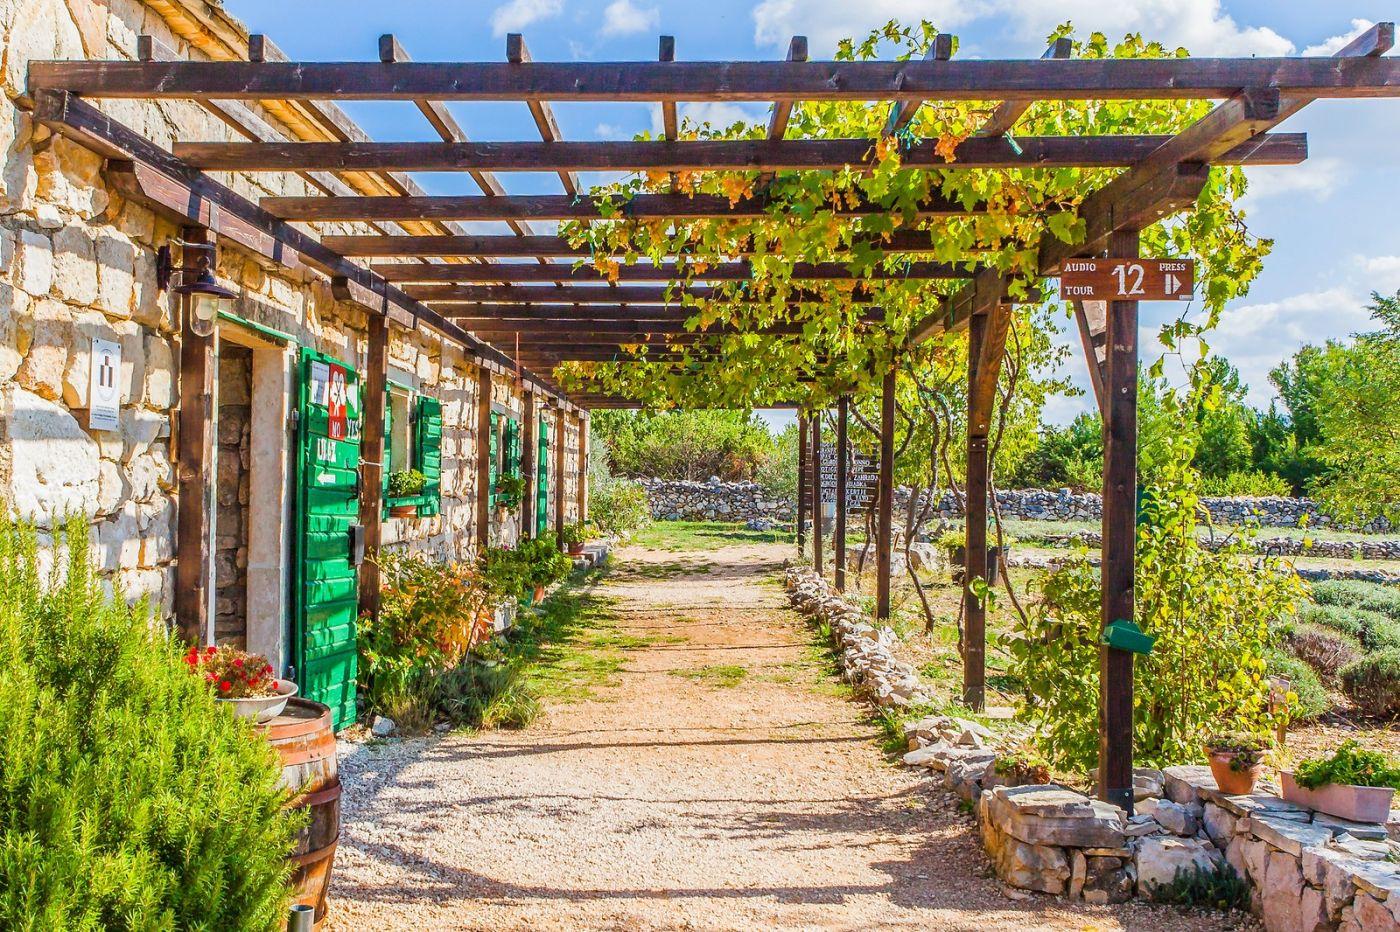 克罗地亚达尔马提亚村,独特的地域风貌_图1-12